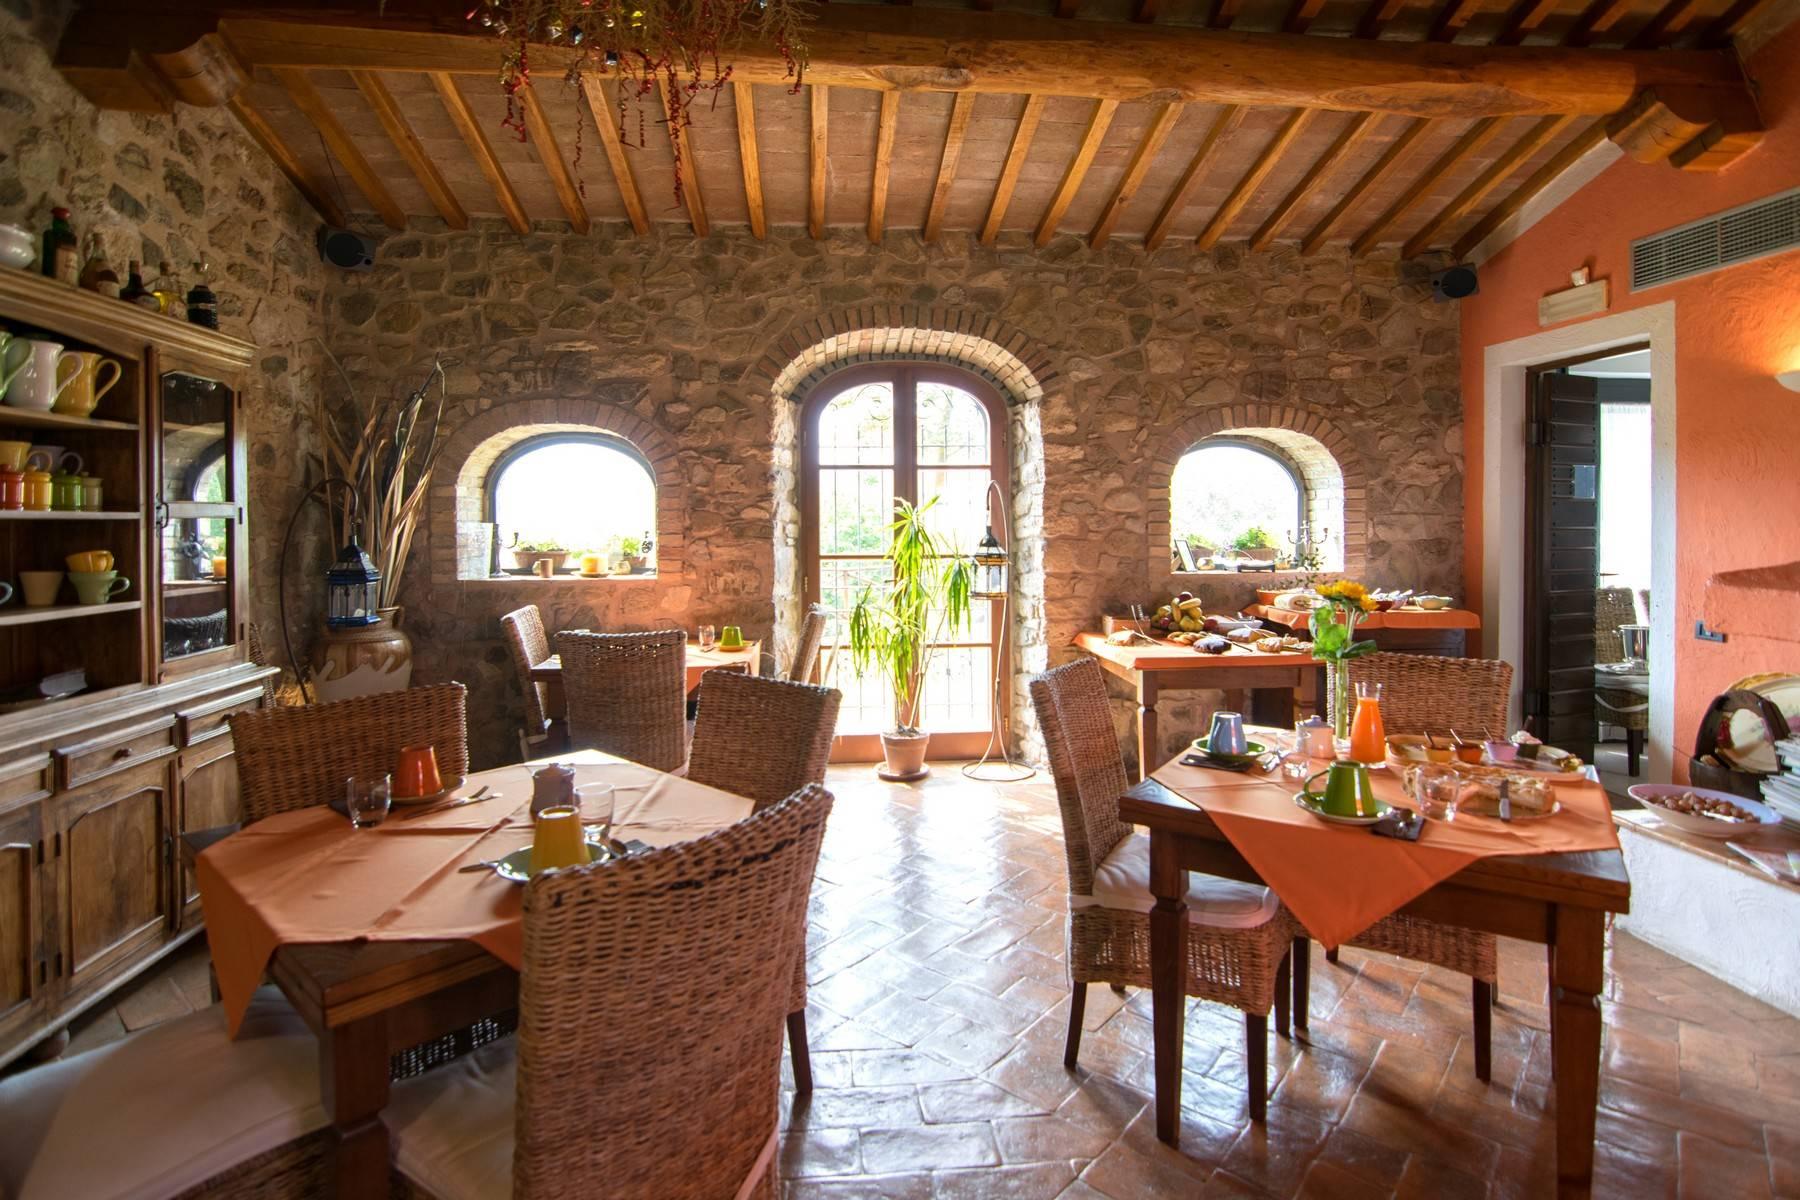 Rustico in Vendita a Manciano: 5 locali, 615 mq - Foto 12